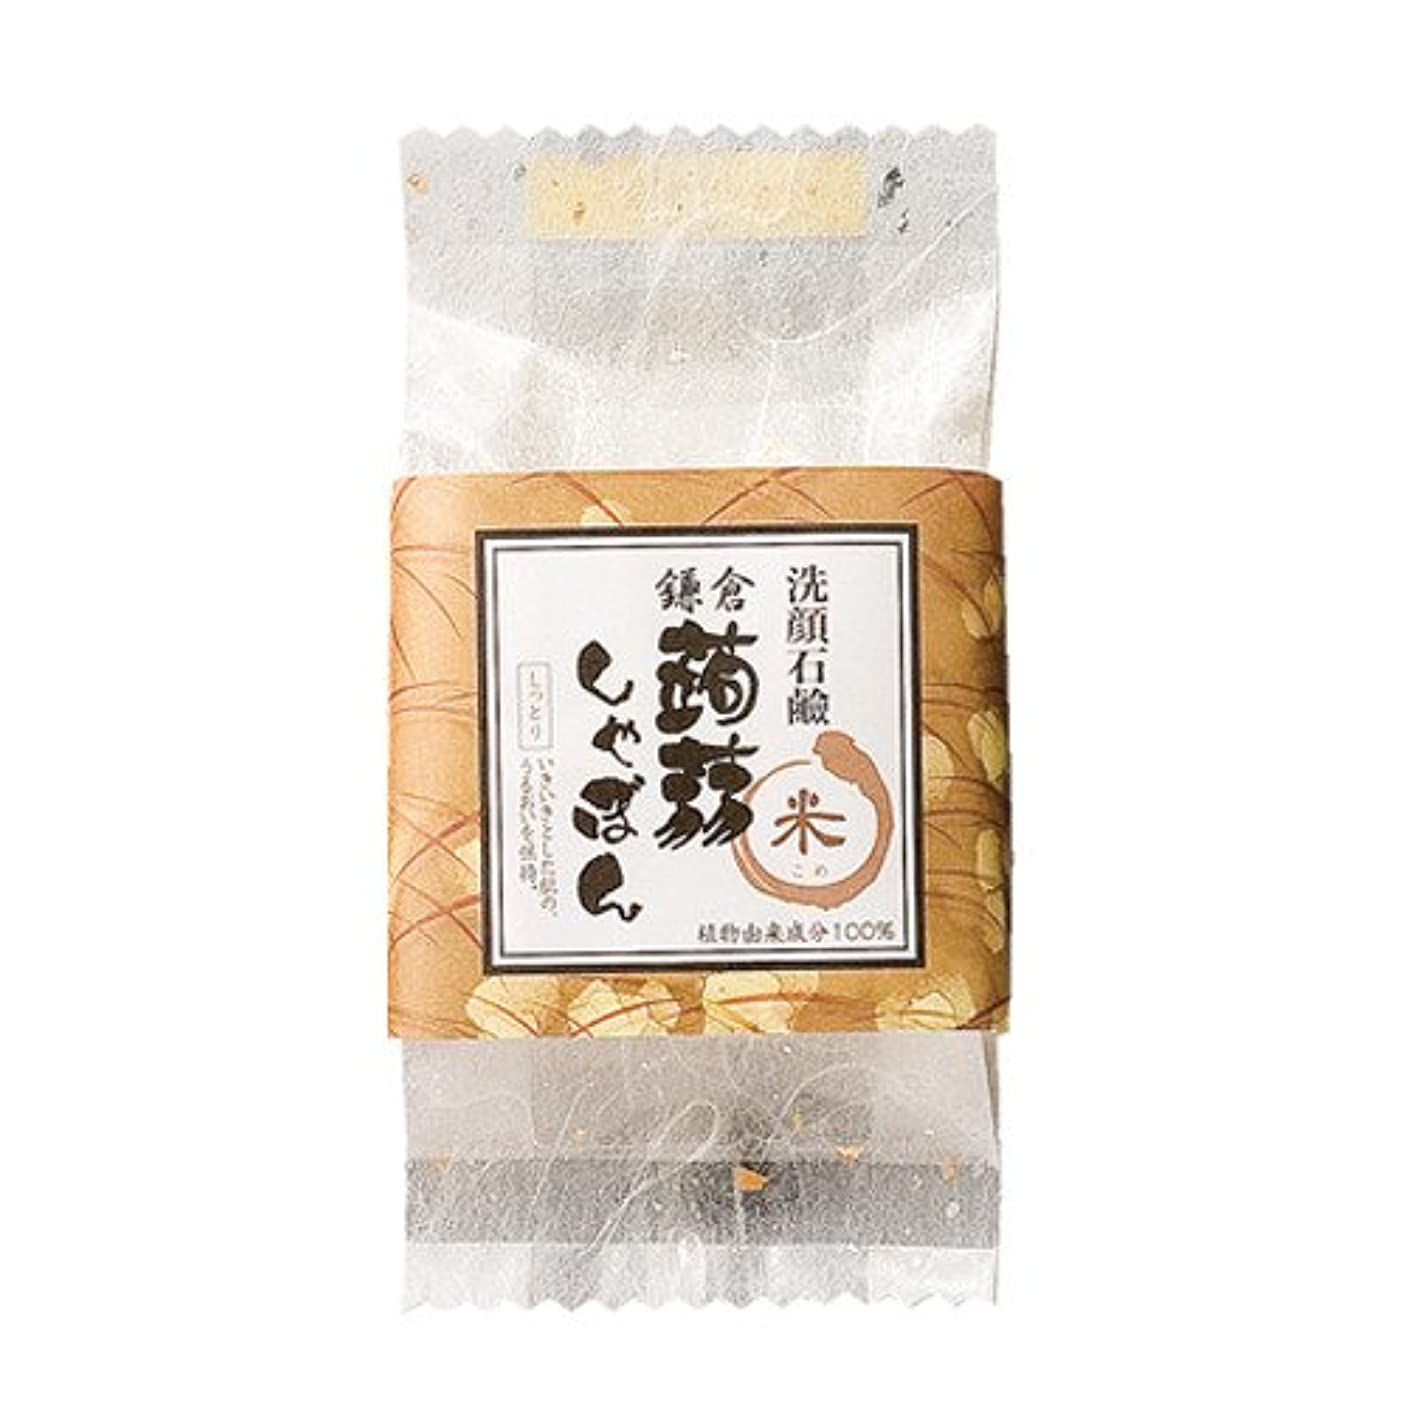 遷移魂よく話される鎌倉 蒟蒻しゃぼん 米